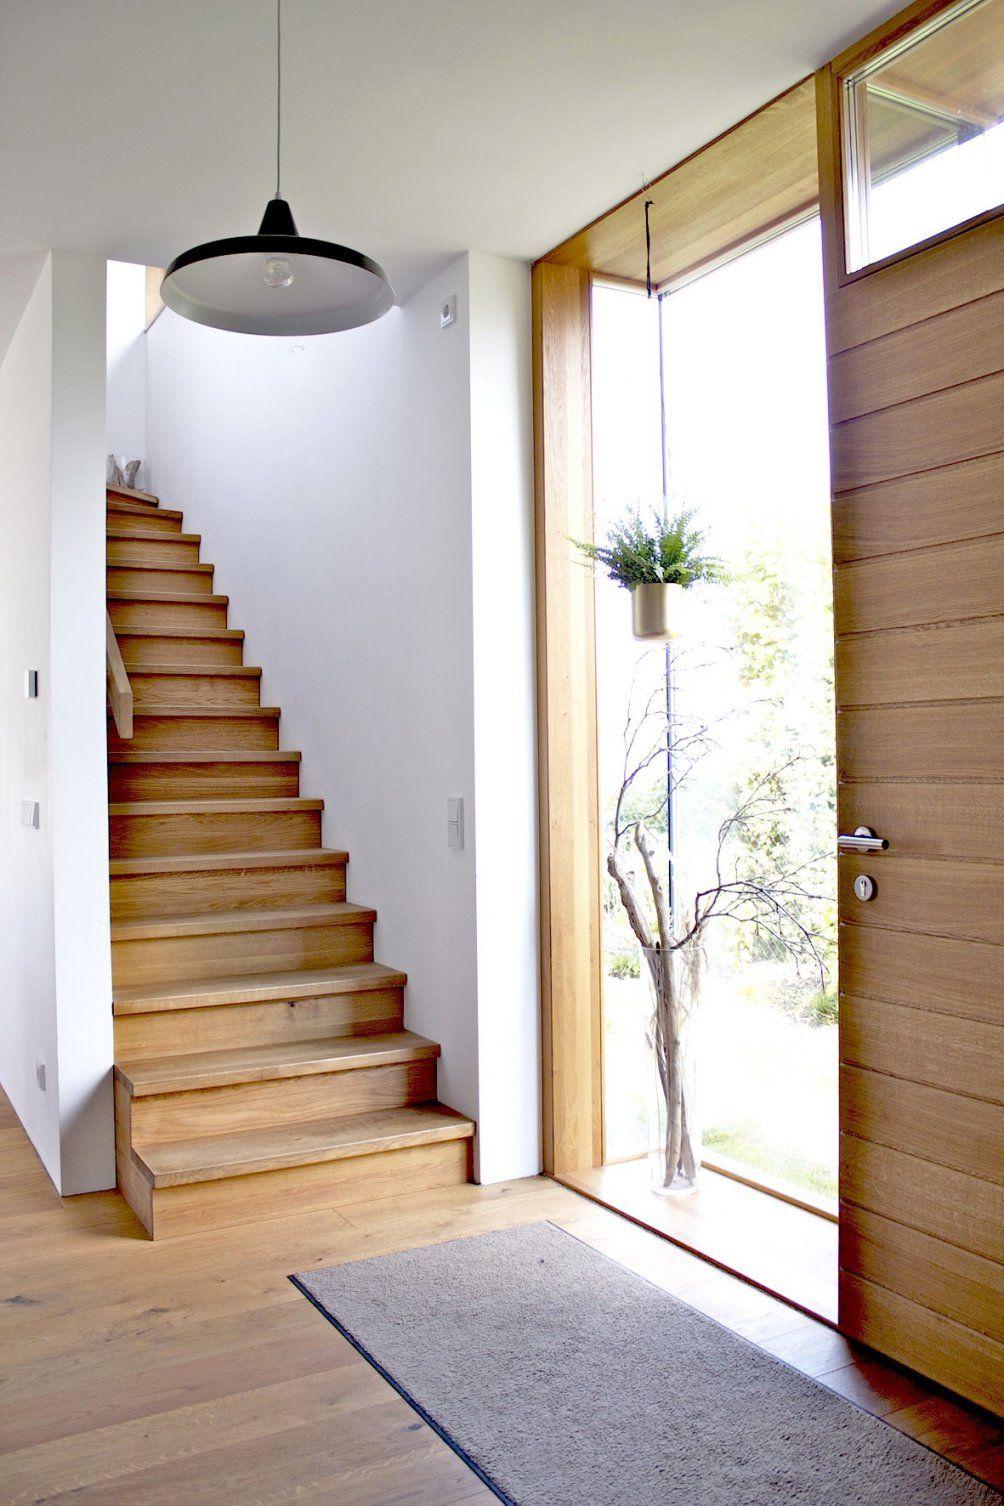 Best Of 43 Wandgestaltung Flur Mit Treppe Dekoration Bilder Ideen Von Wandgestaltung  Flur Mit Treppe Bild